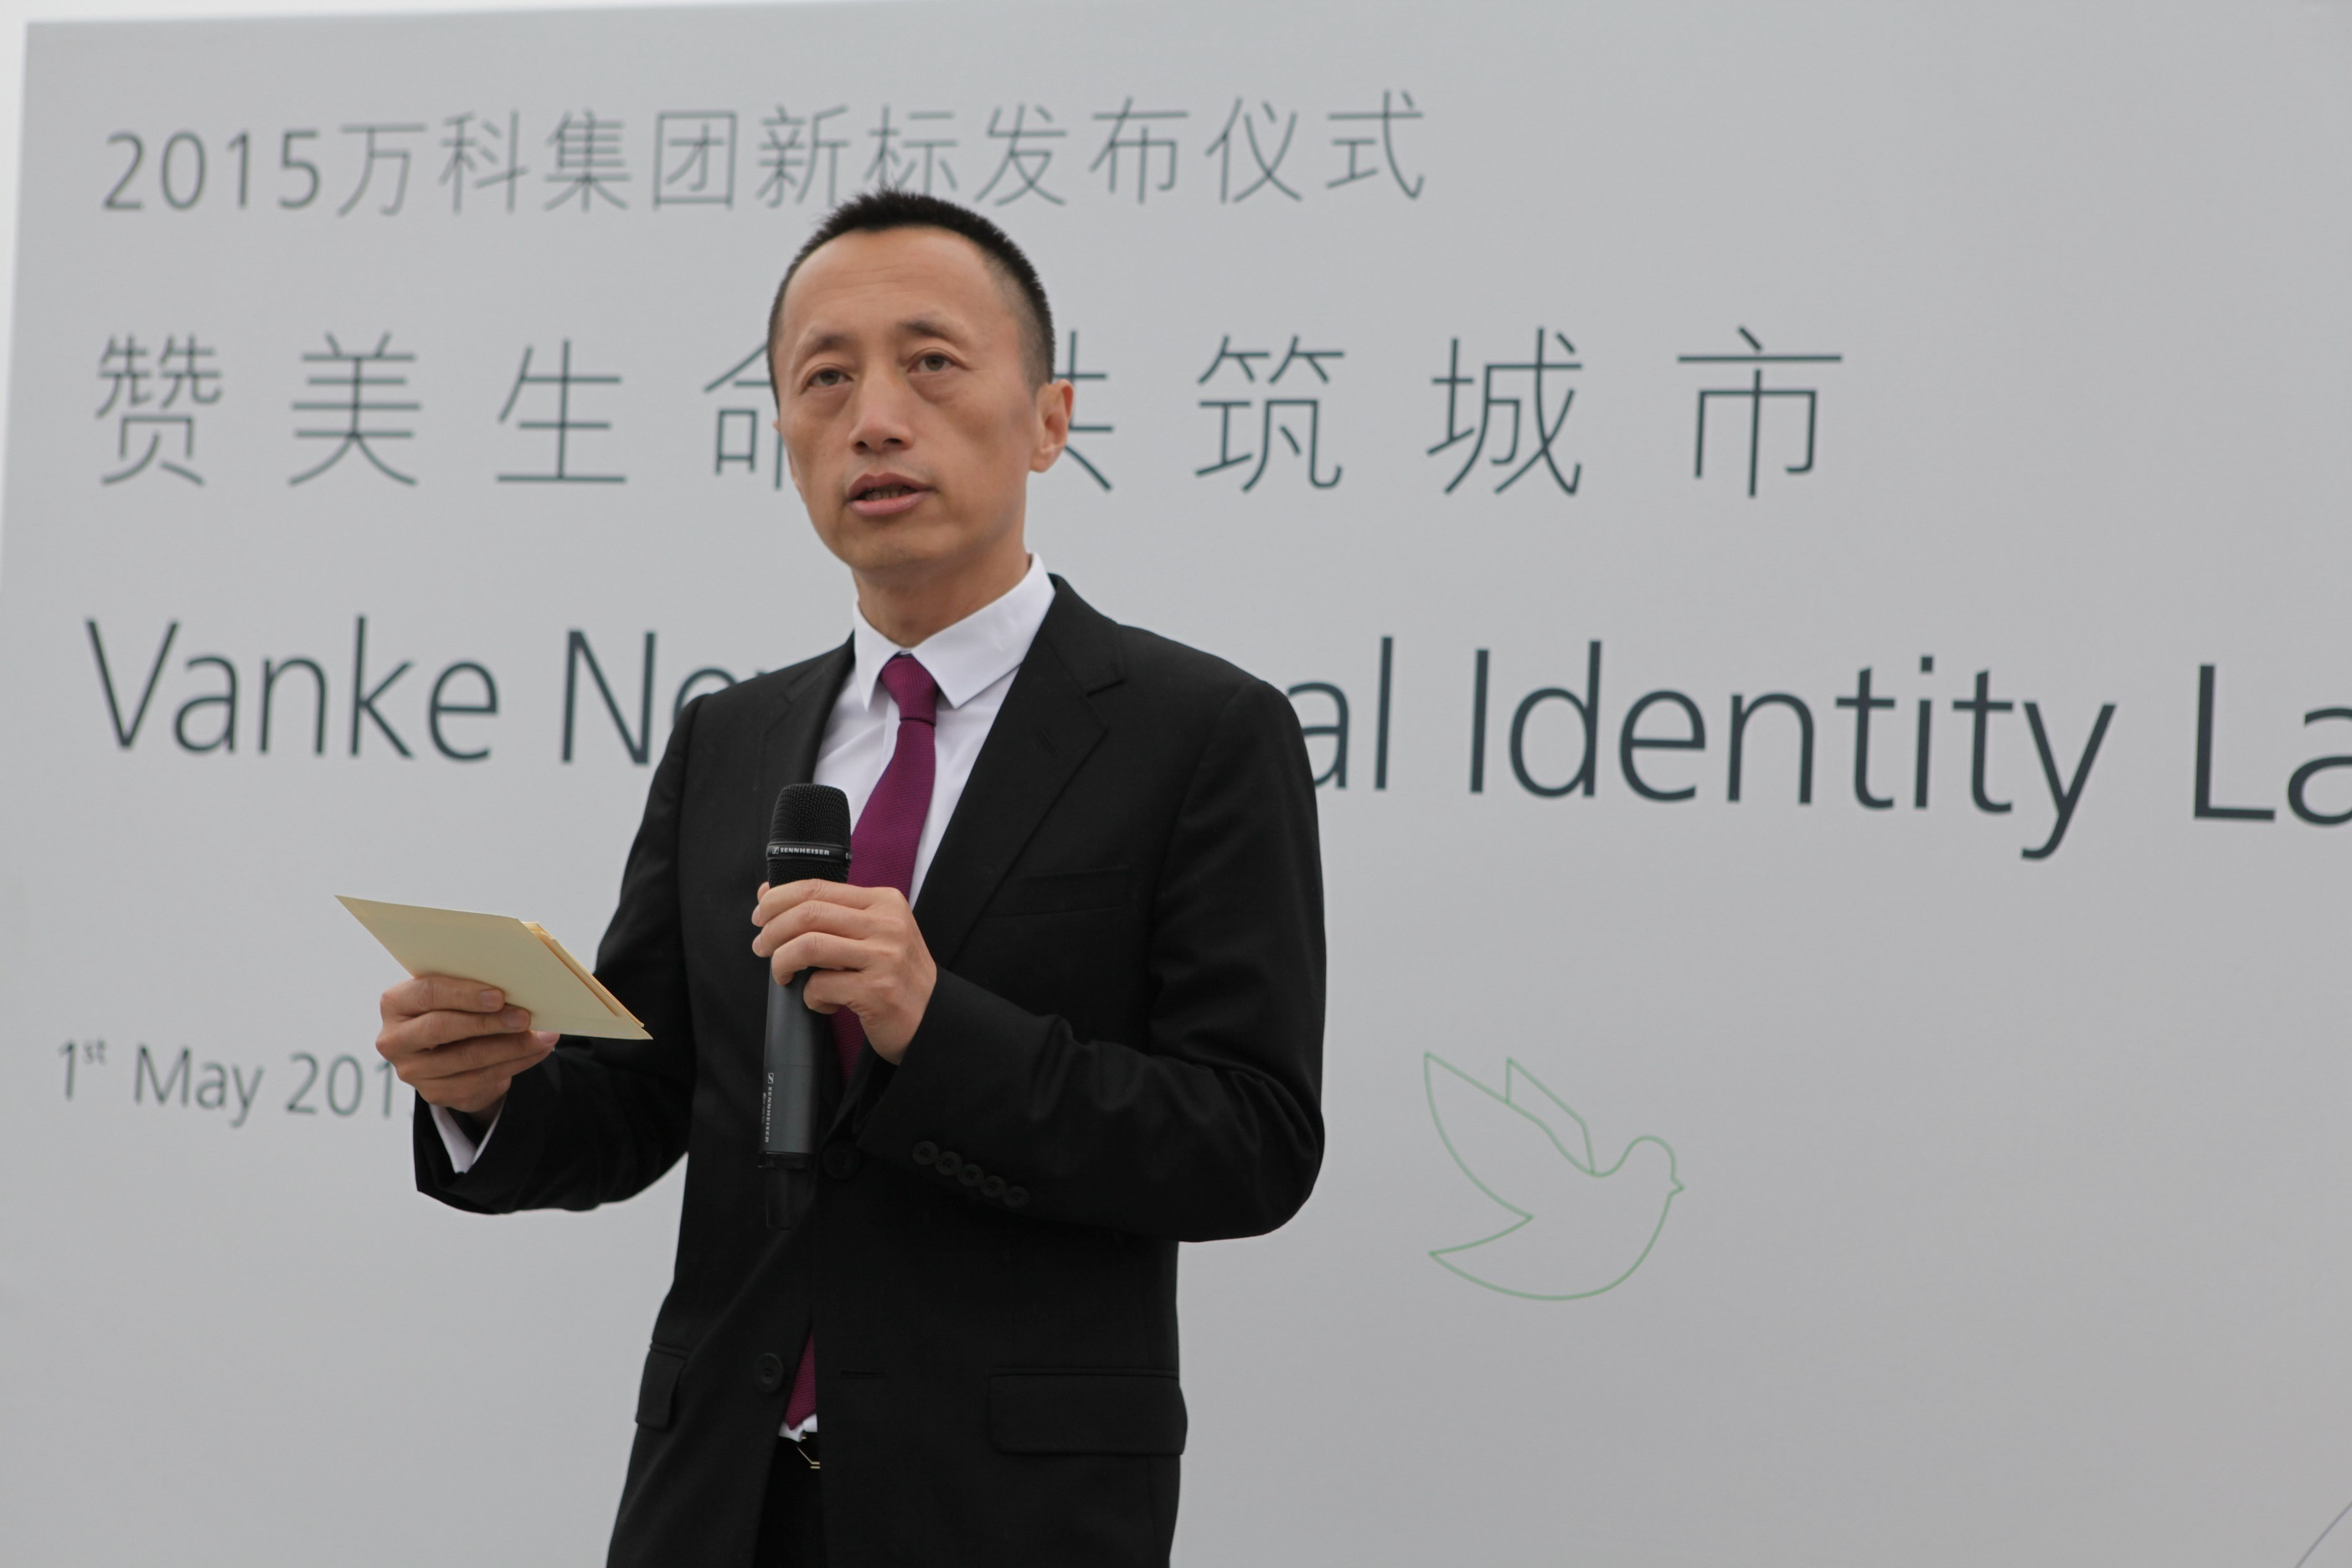 米兰世博会万科馆揭幕 万科发布新一代企业标